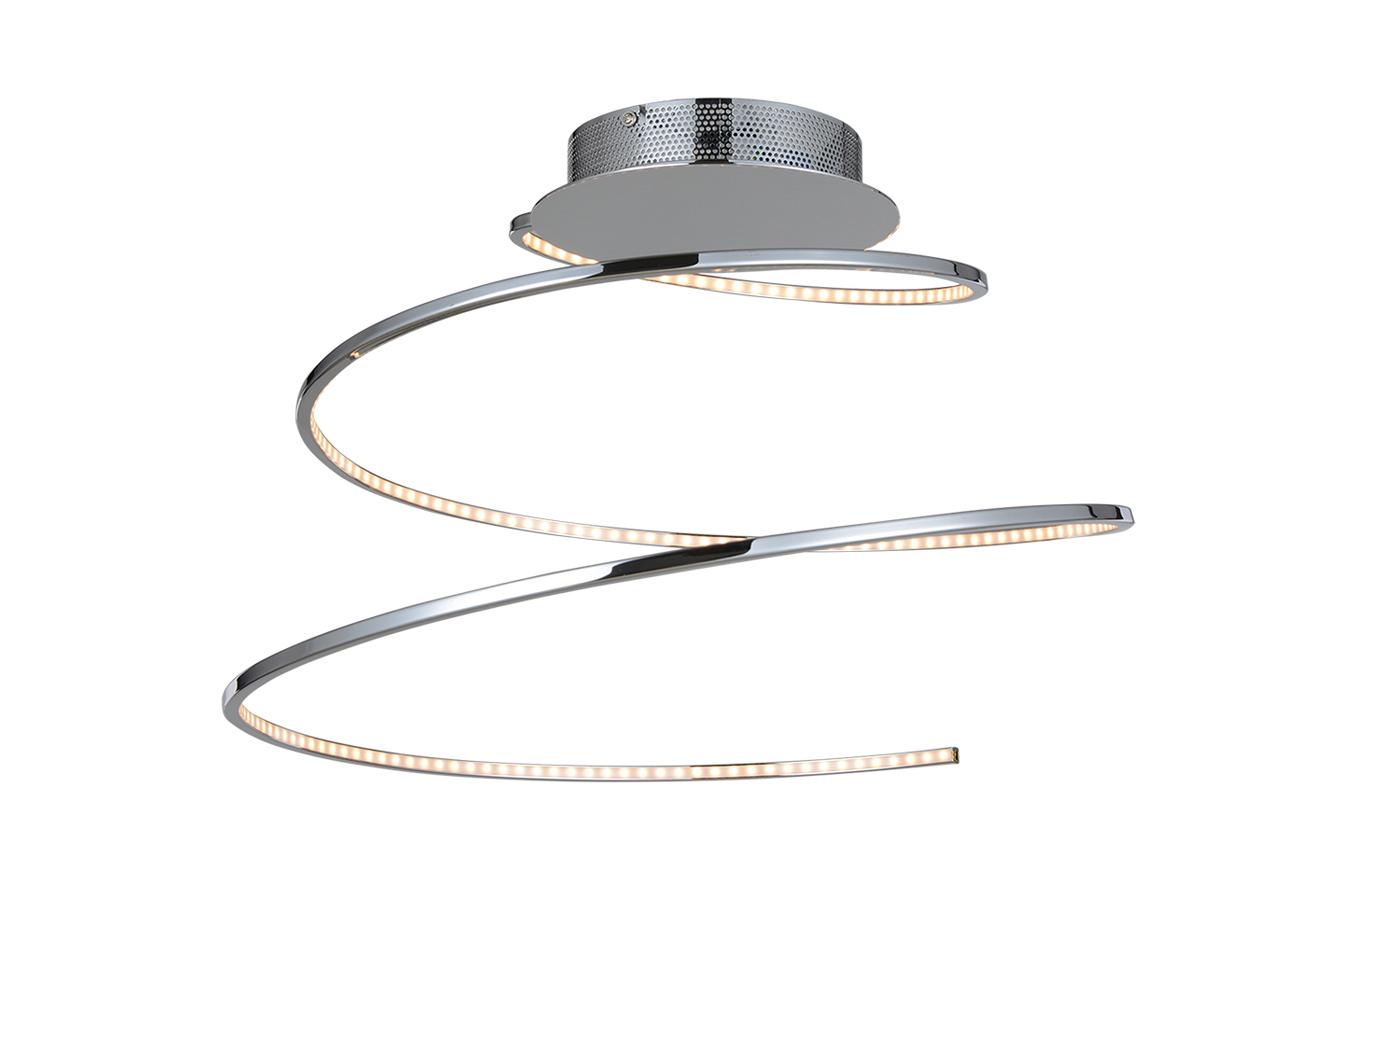 LED DESIGN Deckenleuchte Spirale in Chrom Silber - Deckenlampe fürs ...